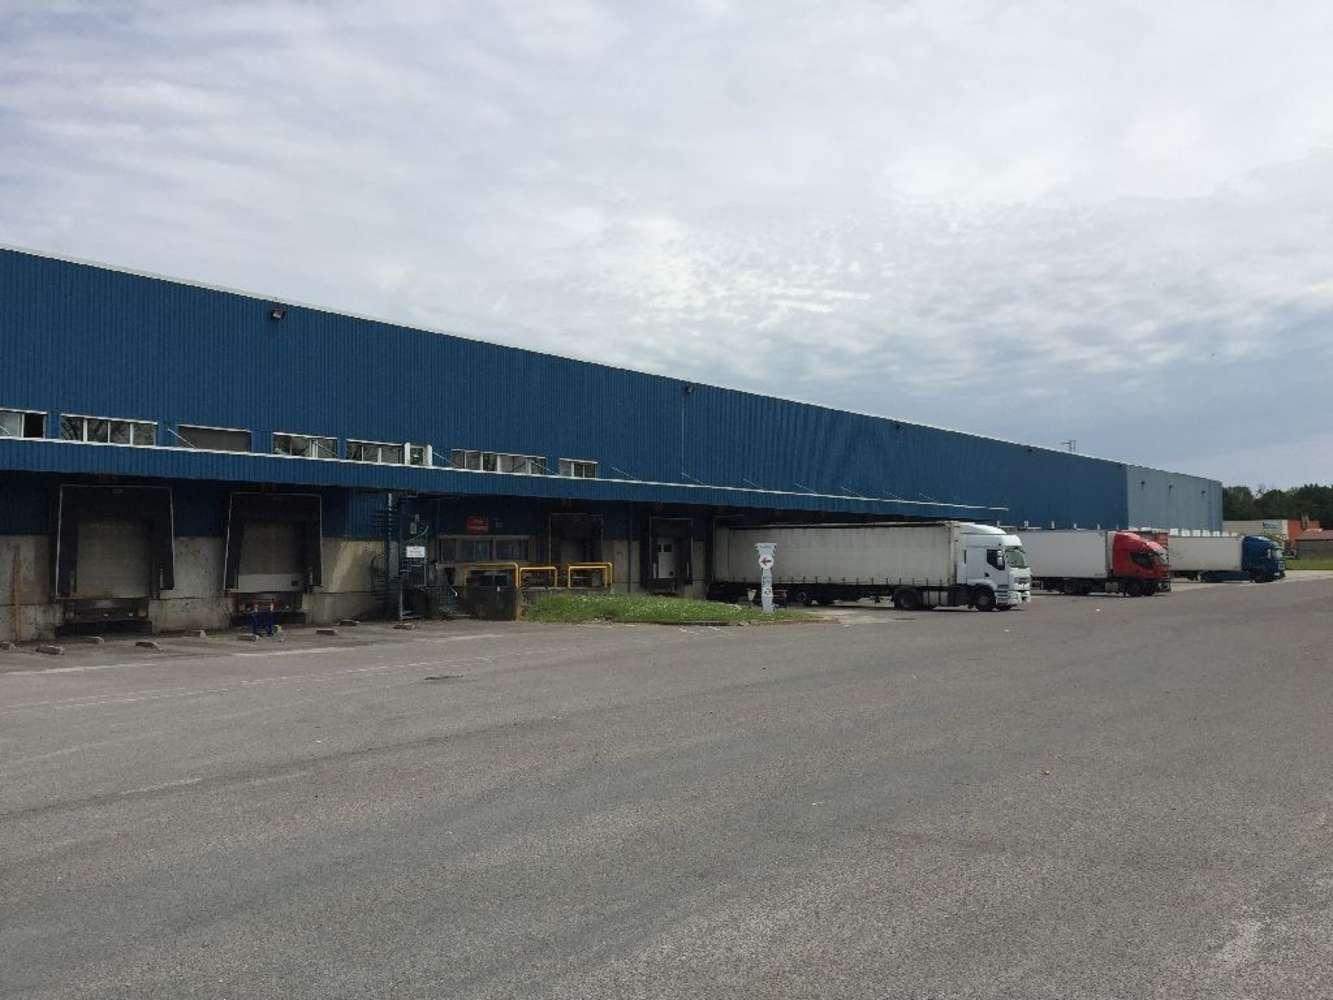 Plateformes logistiques Laiz, 01290 - Entrepôt logistique à louer - Ain (01) - 9461740